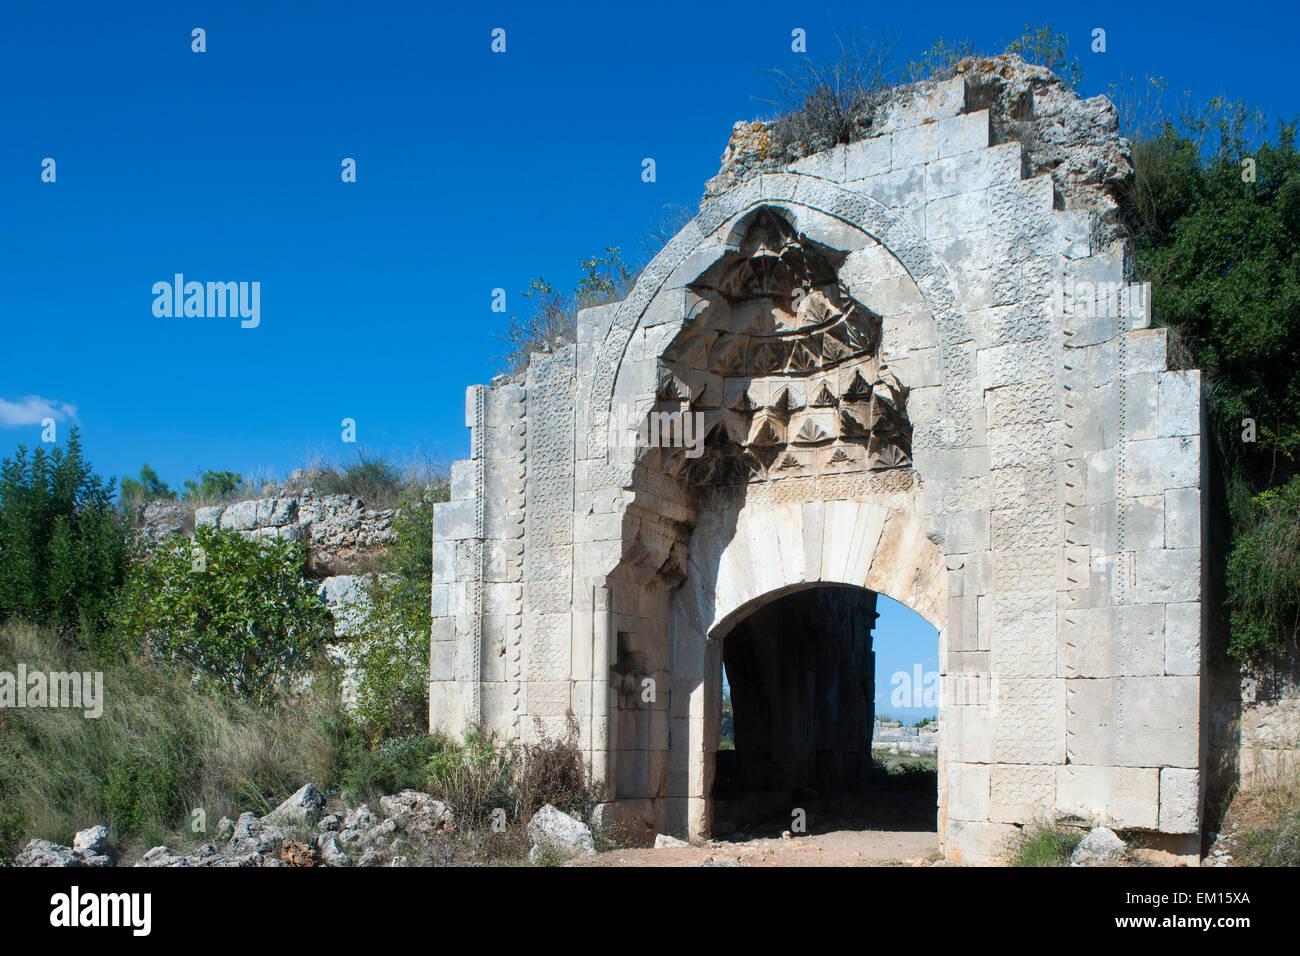 Türkei, Provinz Antalya, Dösemealti, Evdir Han, die seldschukische Karawanserei Evdir-Han wurde von Izeddin - Stock Image